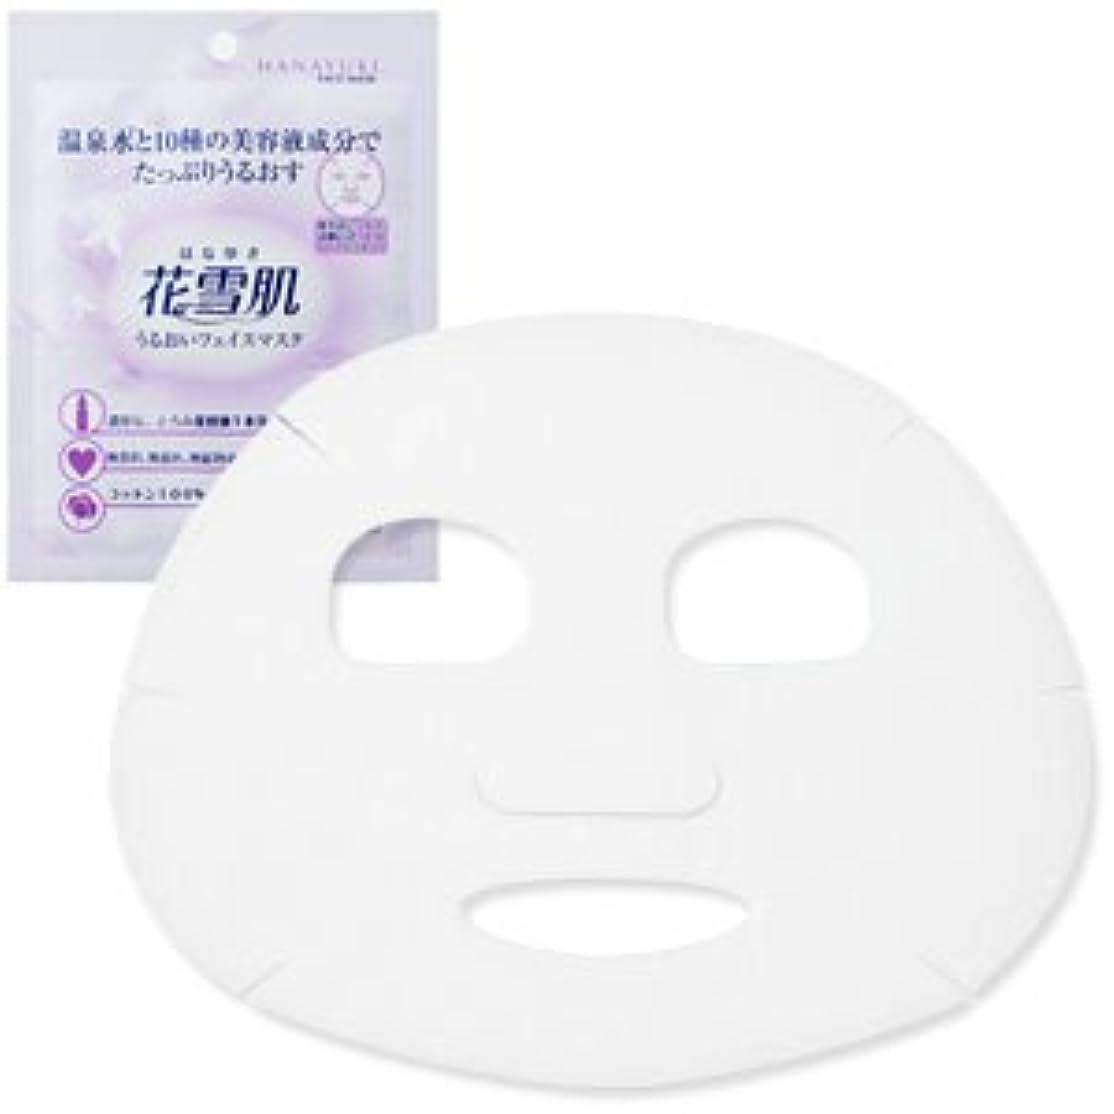 発表音節ホイップ花雪肌 うるおいフェイスマスク 10枚セット [10種類の美容液成分を配合] ヒアルロン酸 コラーゲン フェイスパック